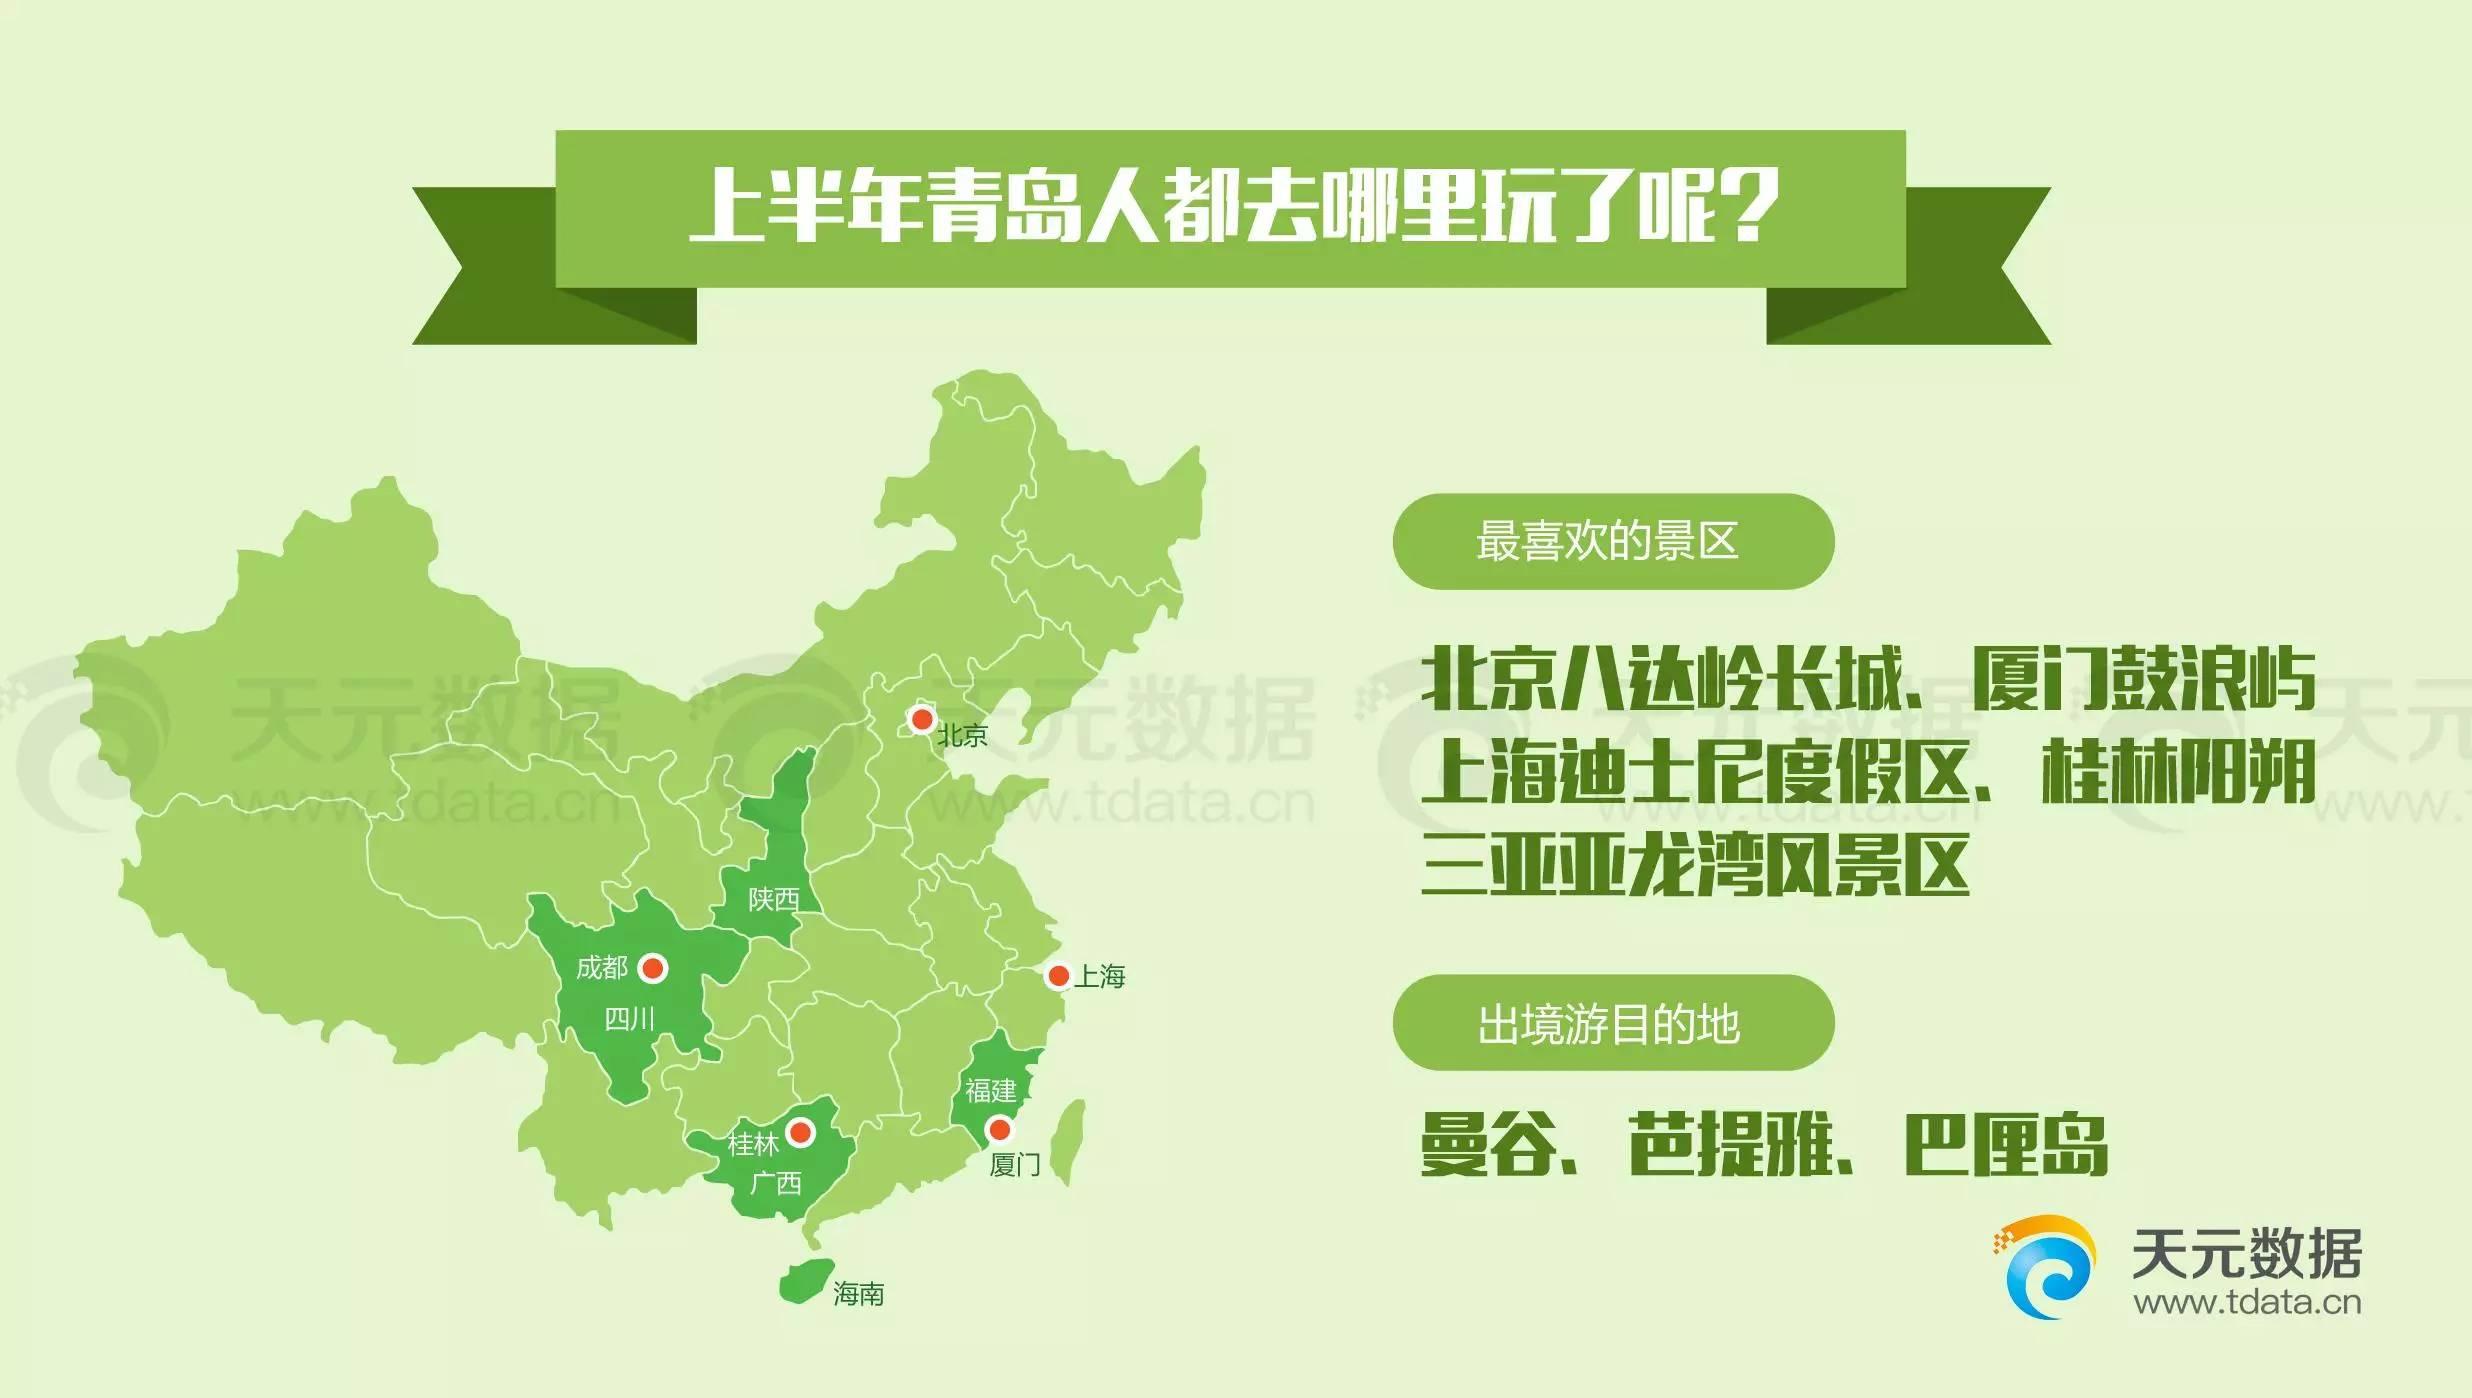 青岛2017年中旅游数据报告出炉:栈桥崂山八大关受欢迎